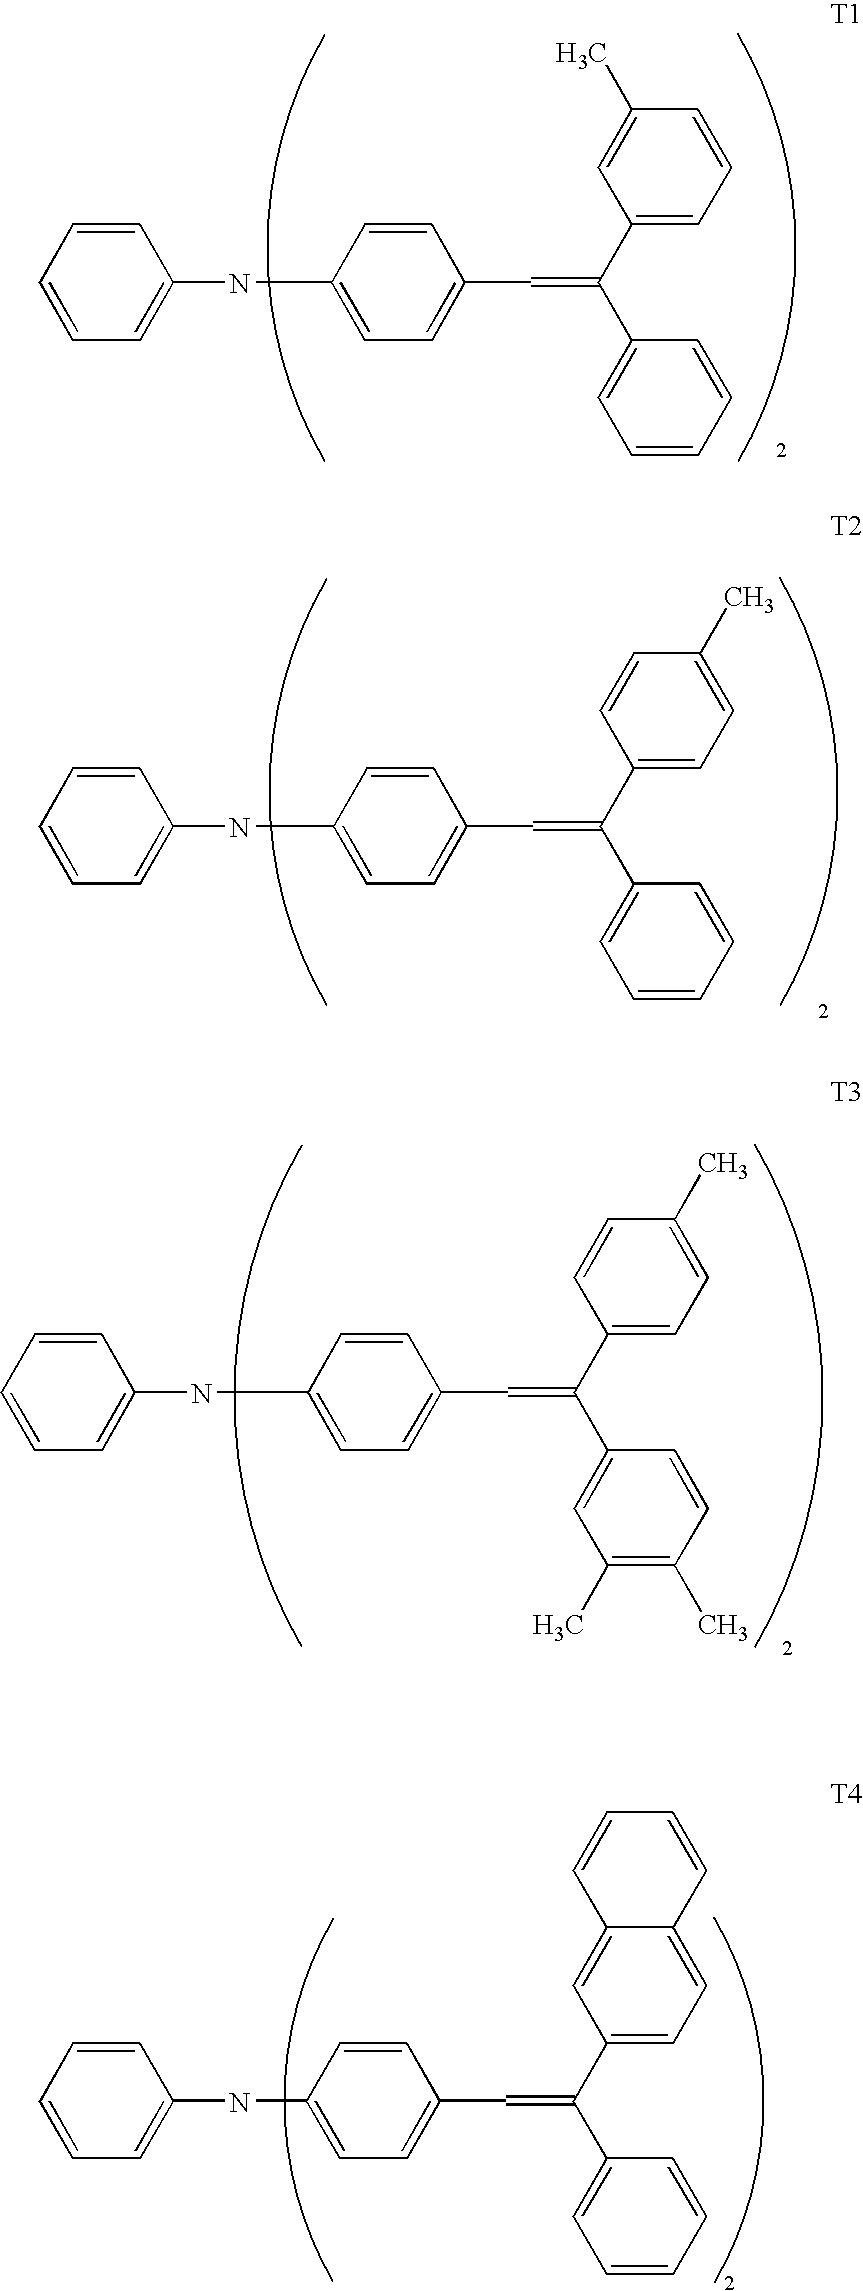 Figure US06919155-20050719-C00008